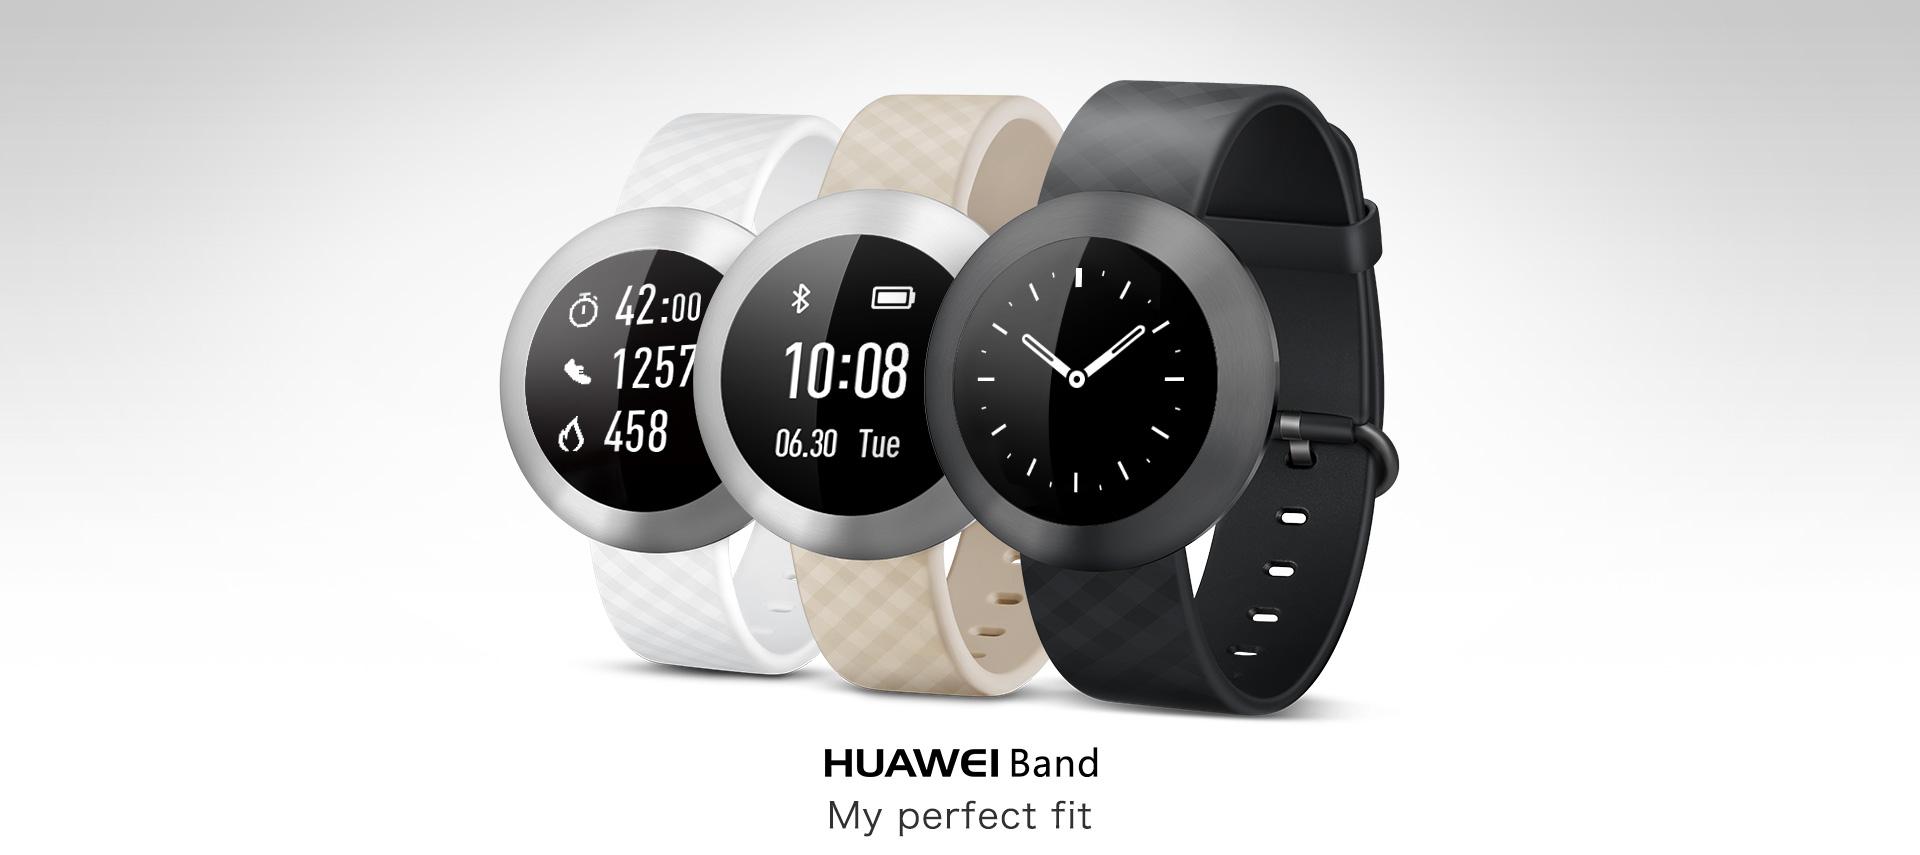 Huawei - Huawei Band B0 - Wearables